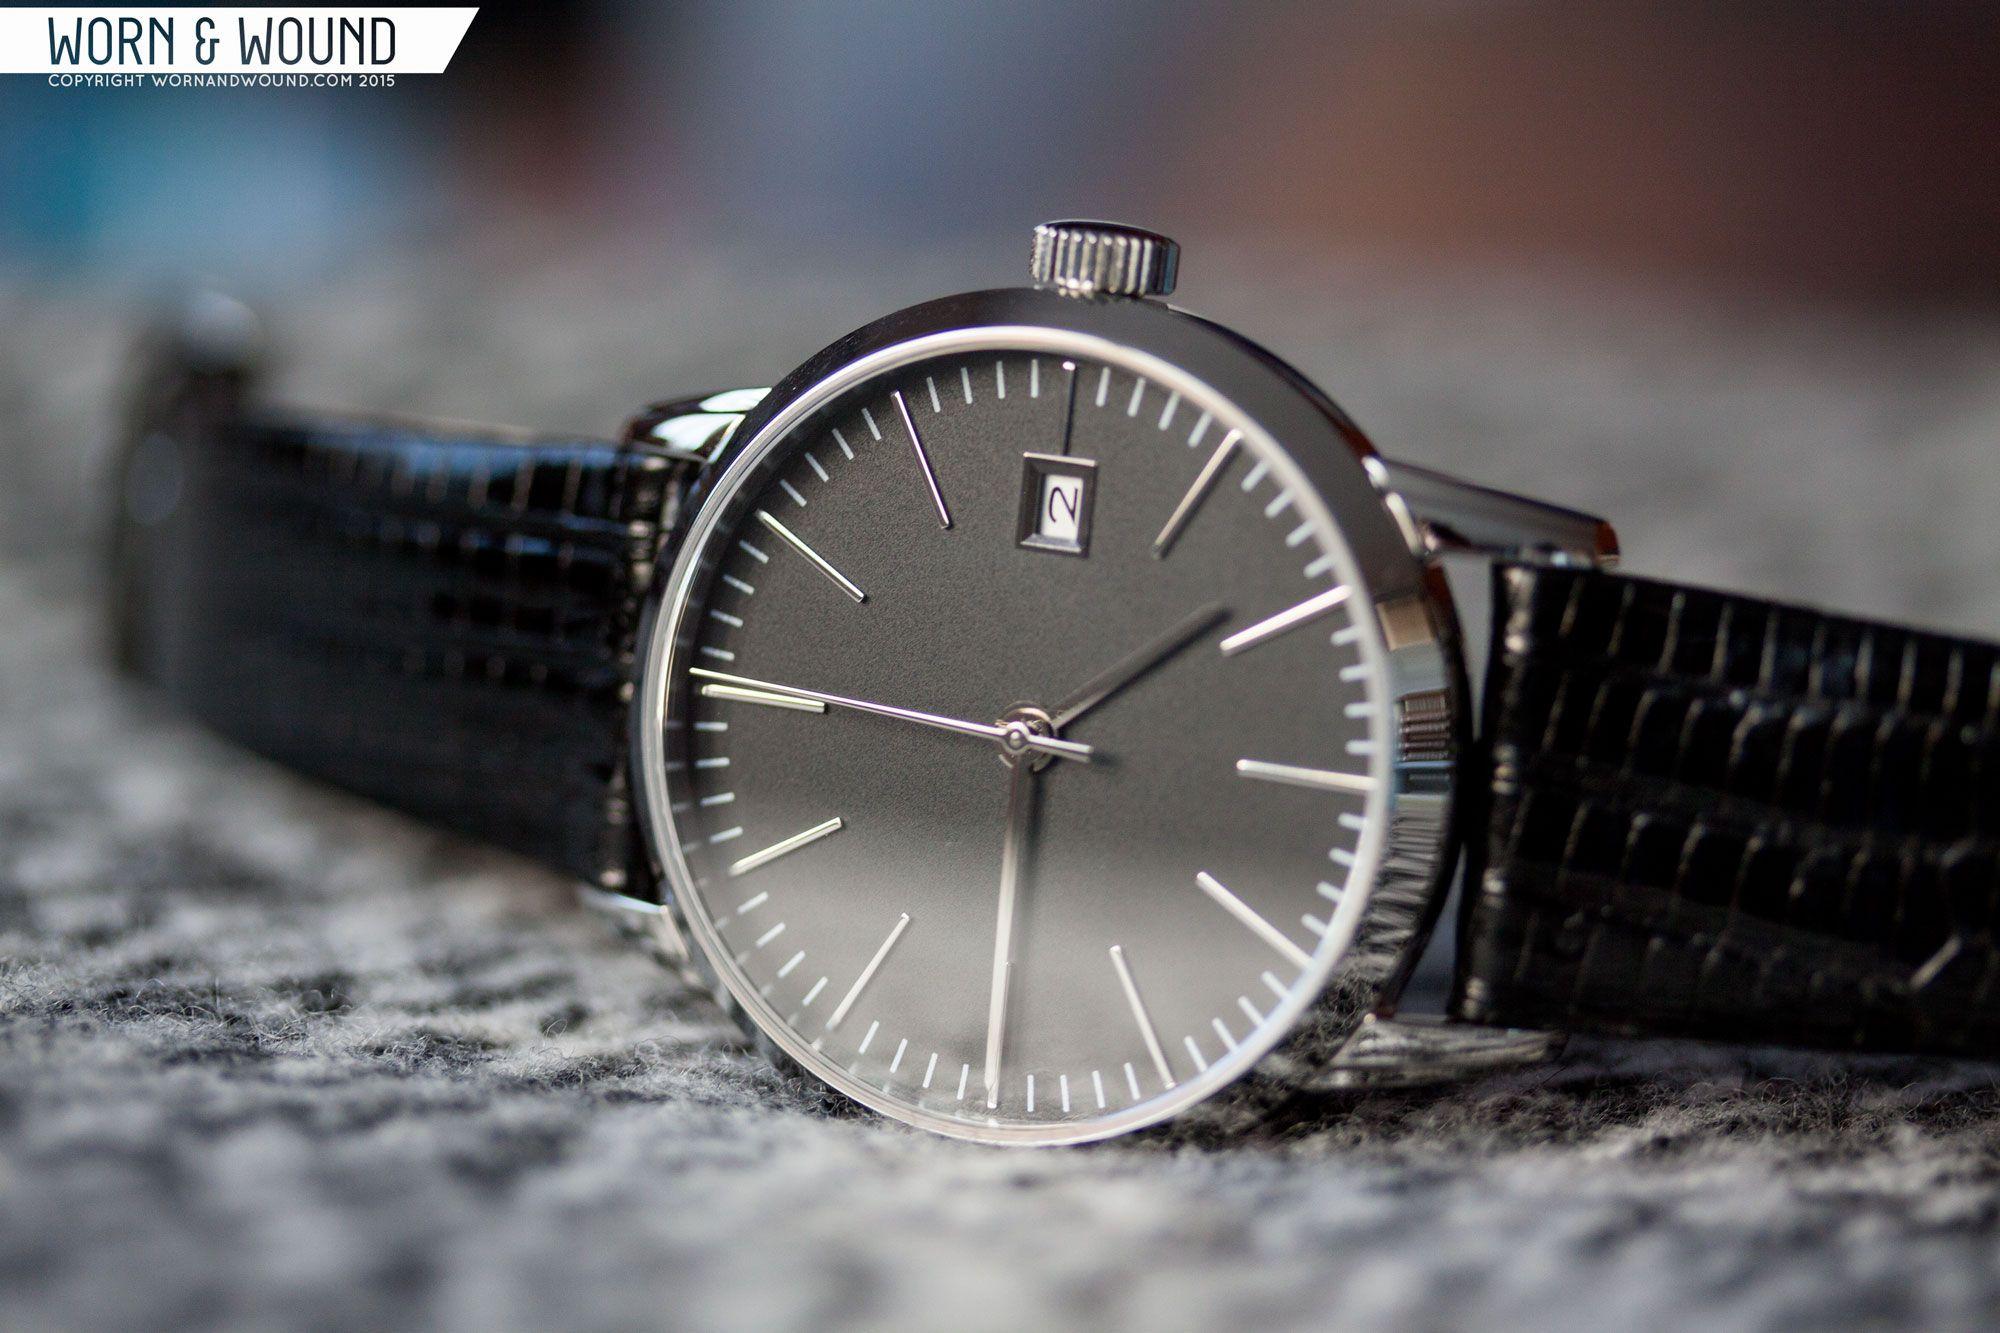 kent wang bauhaus v3 black watches watches omega